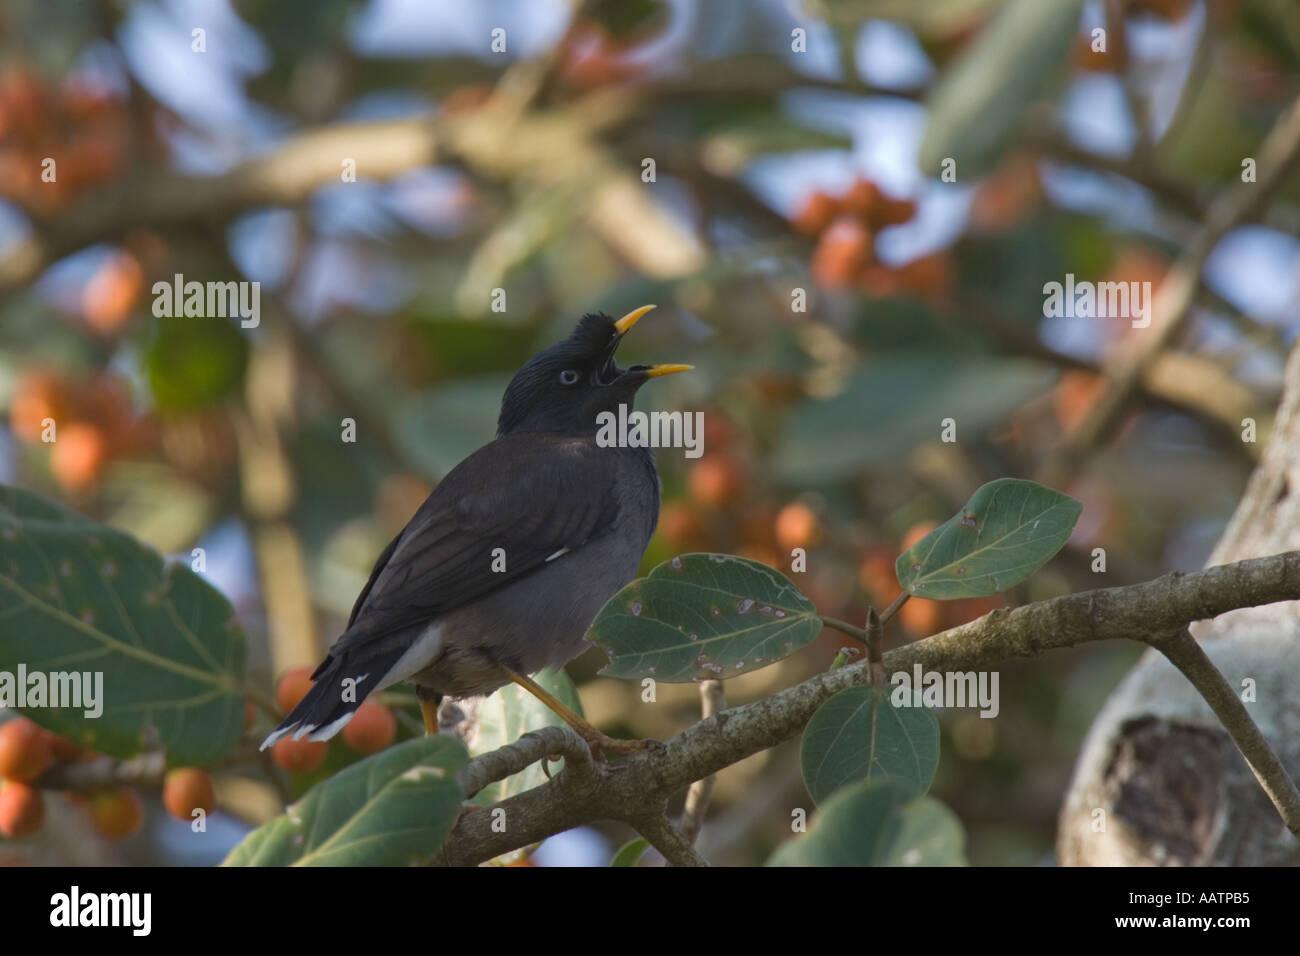 Jungle Myna singing, Goa, India - Stock Image